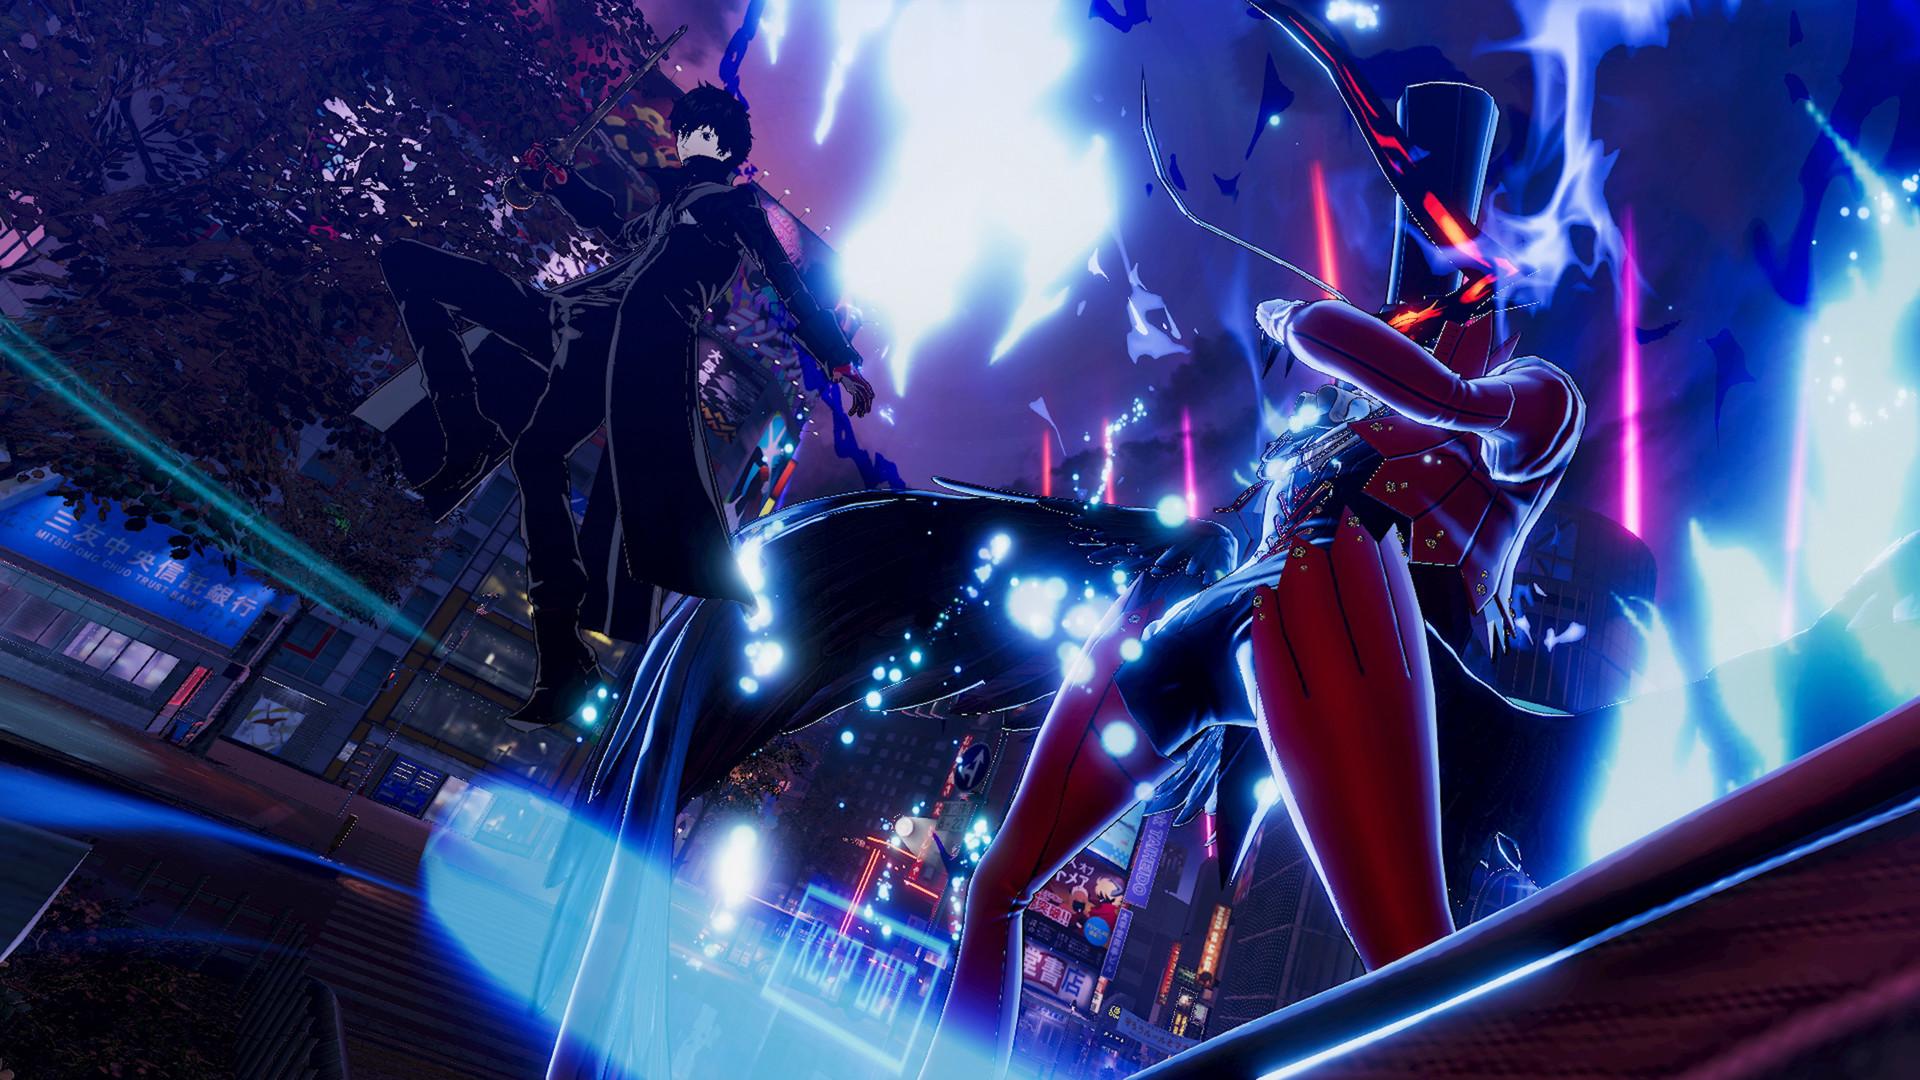 《女神异闻录5乱战:魅影攻手》游戏截图